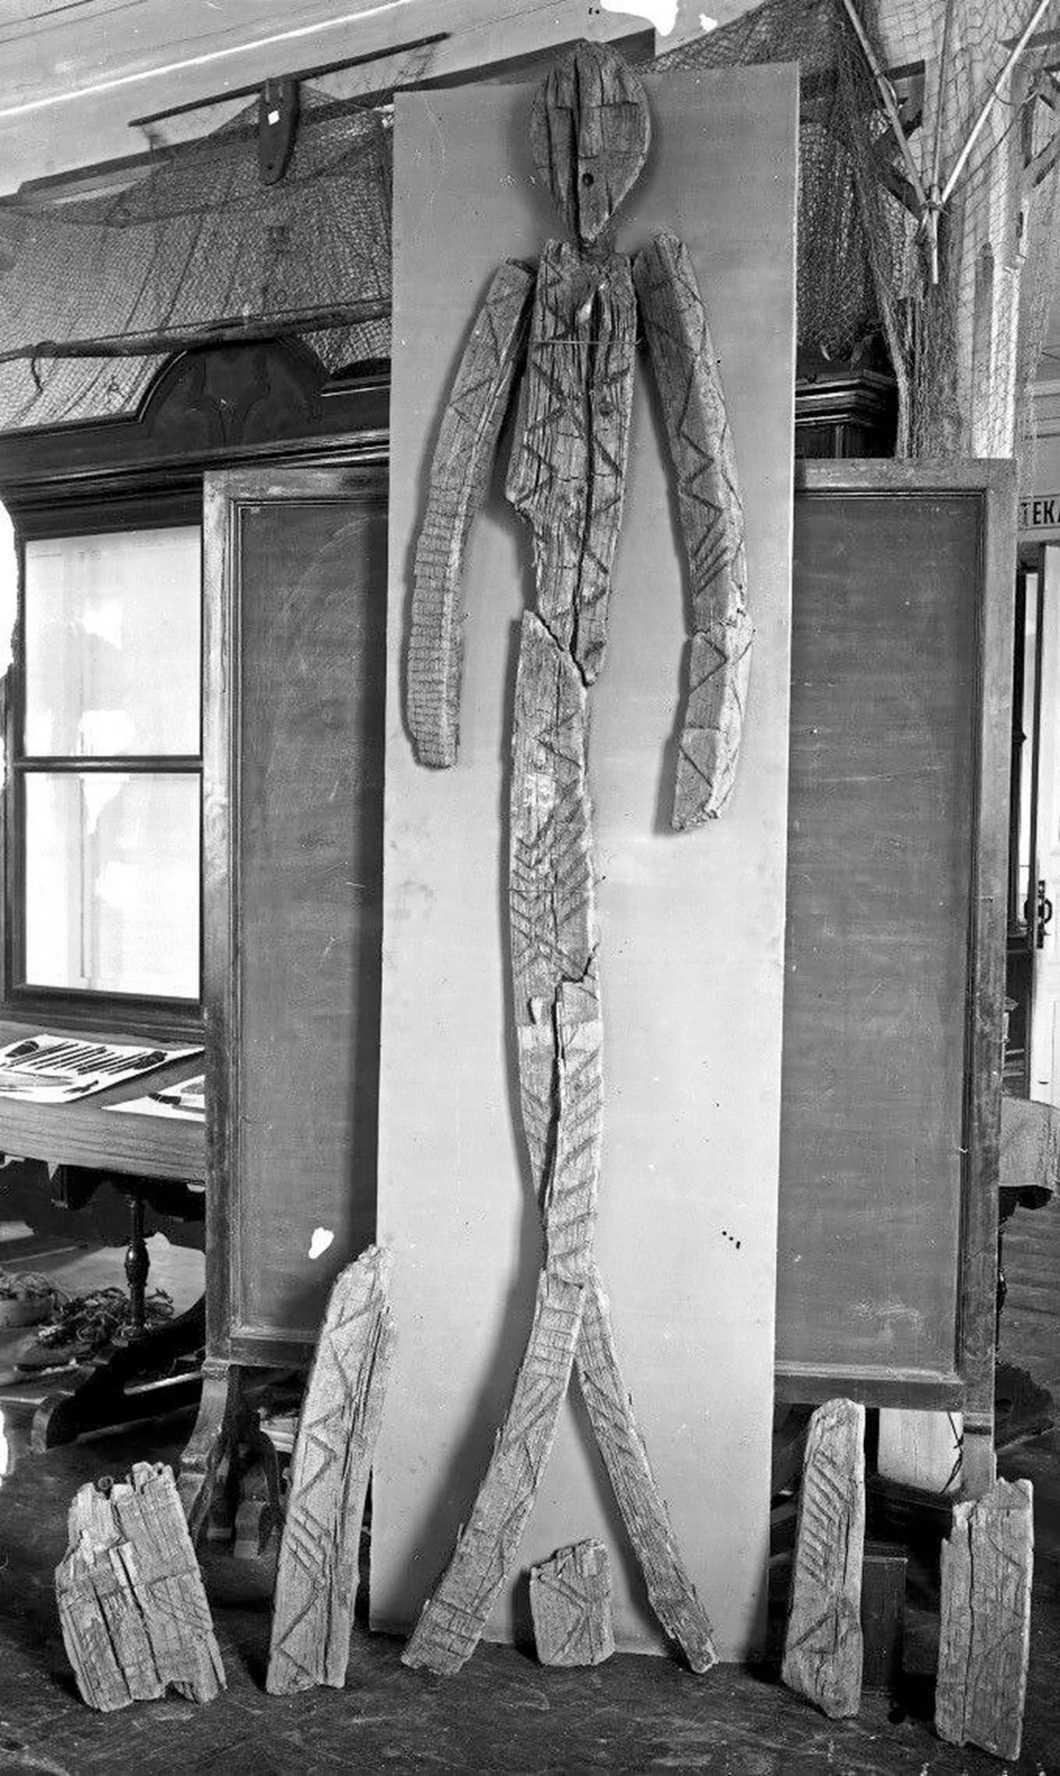 Een vroege reconstructie van het Shigir-idool uit 1894. Foto met dank aan het regionale museum van Sverdlovsk.